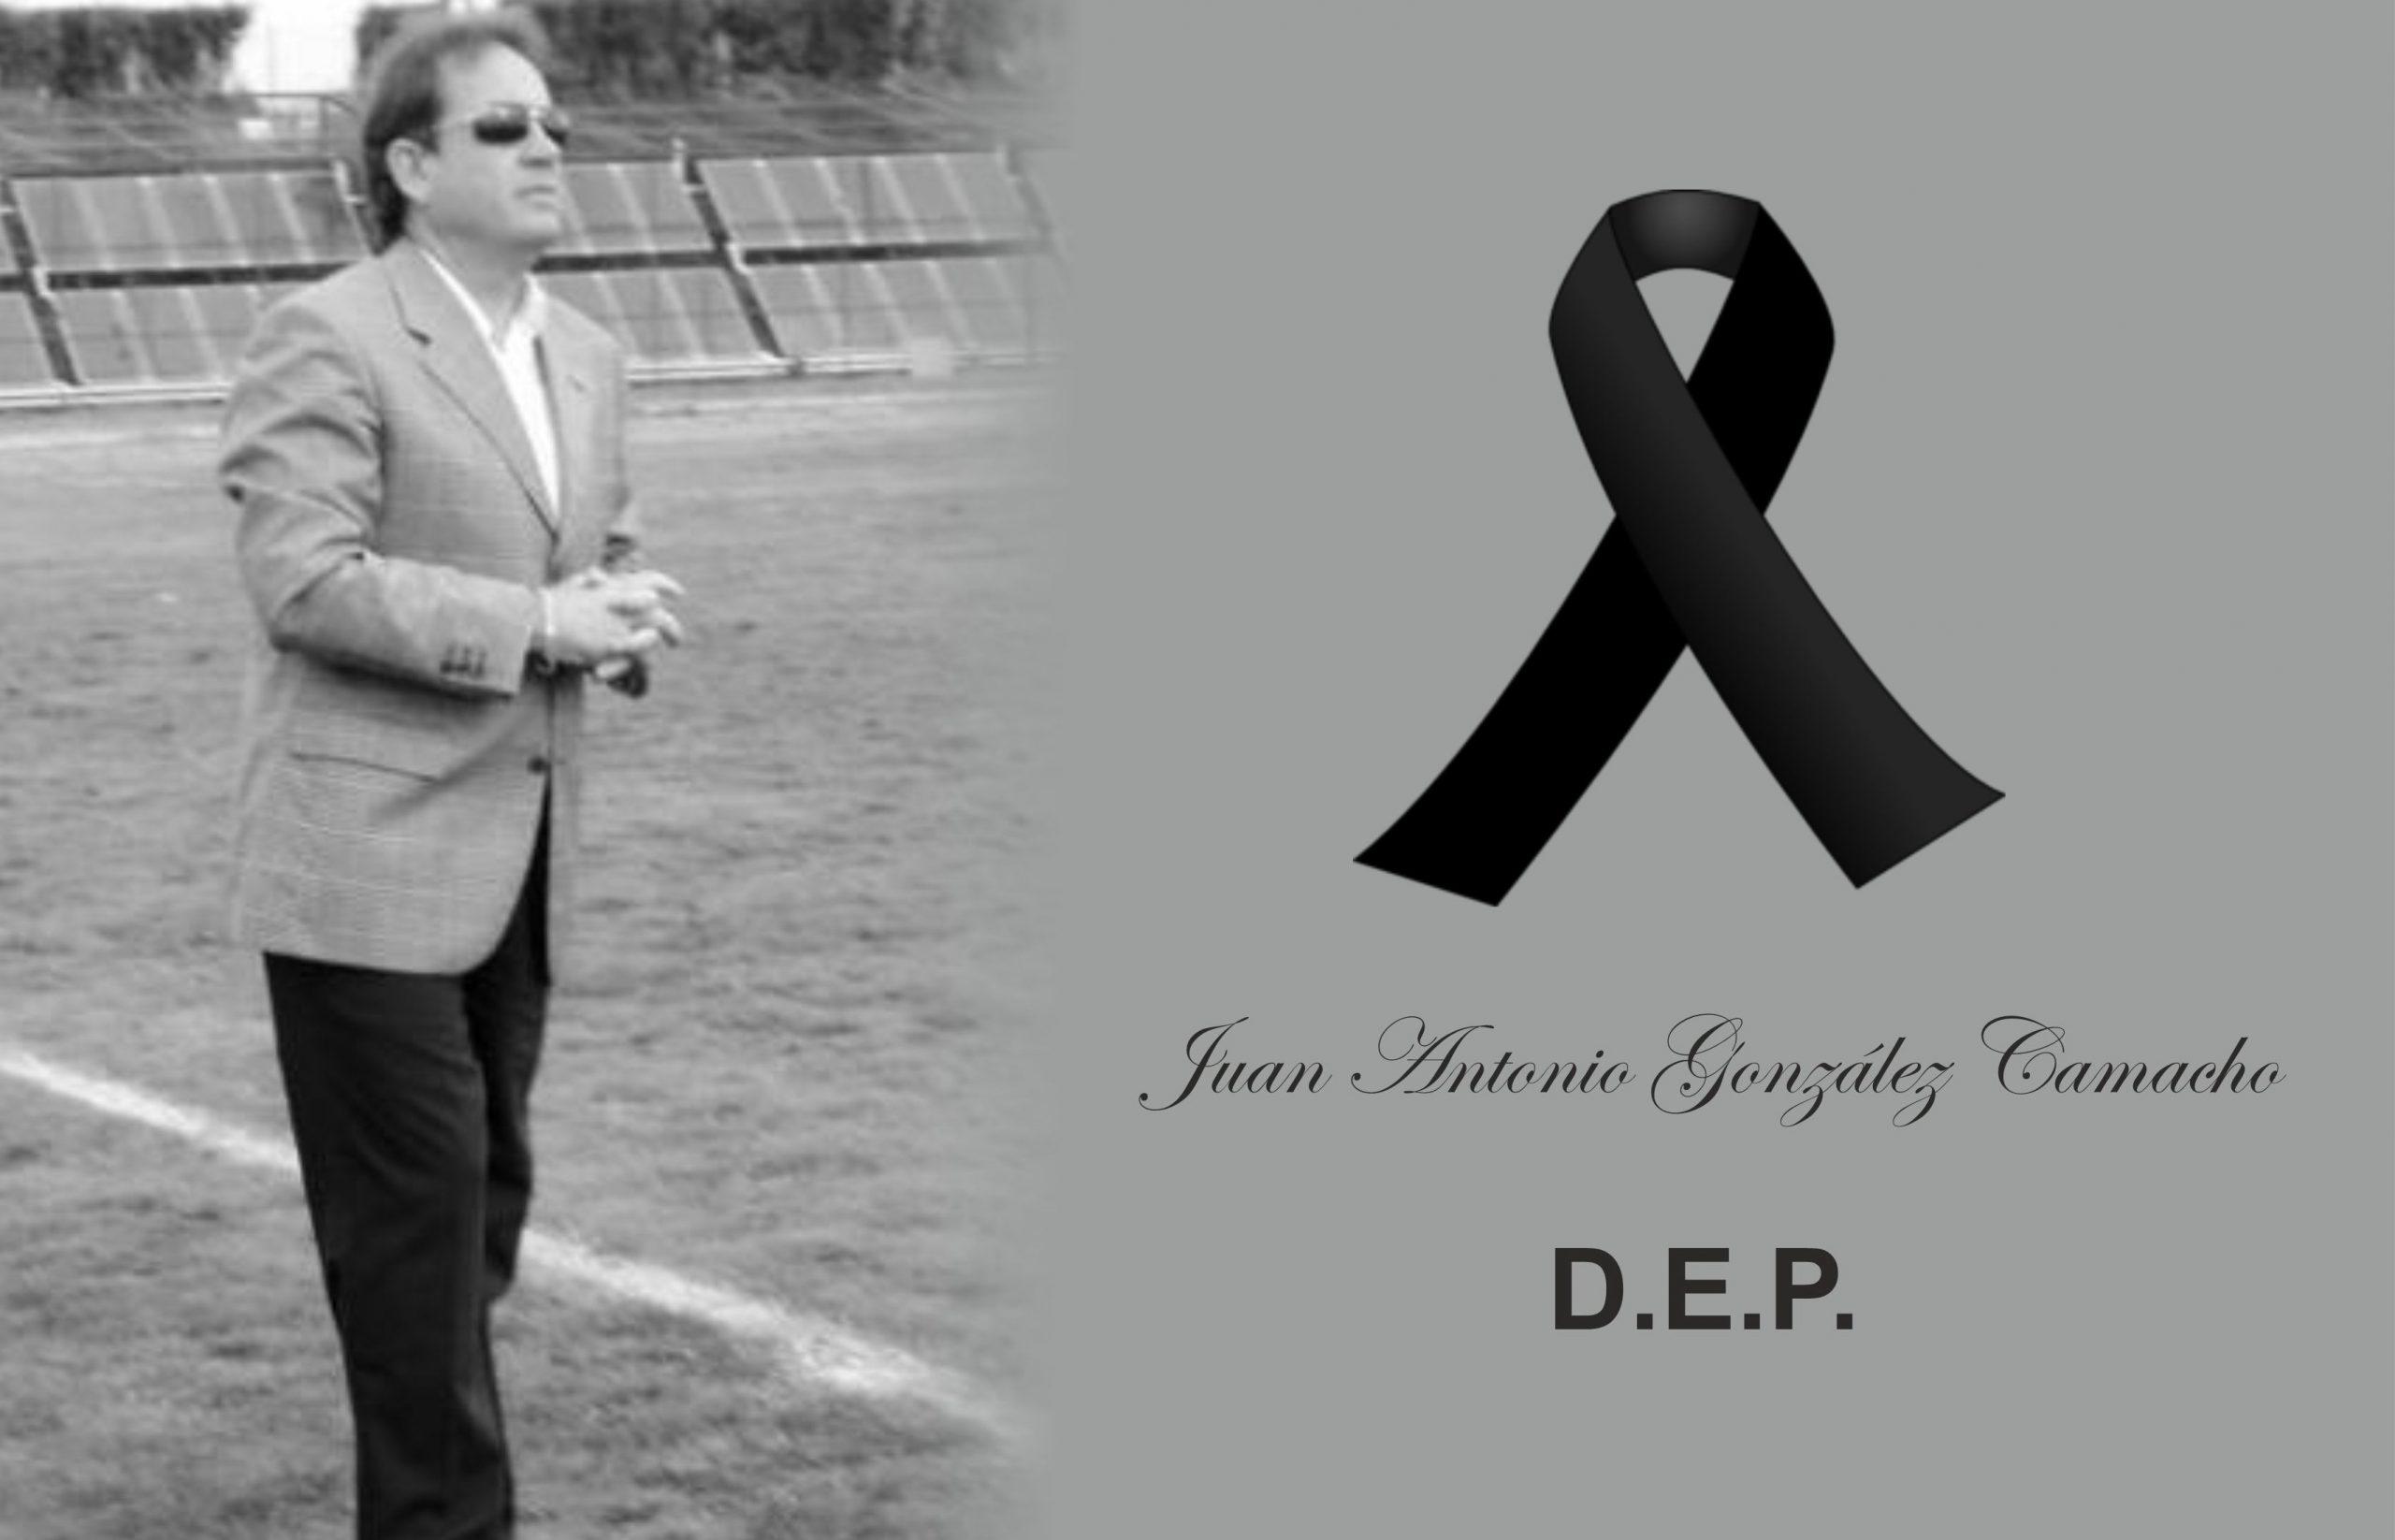 Trabajo, sabiduría y formación, parte del legado que deja Juan Antonio González Camacho